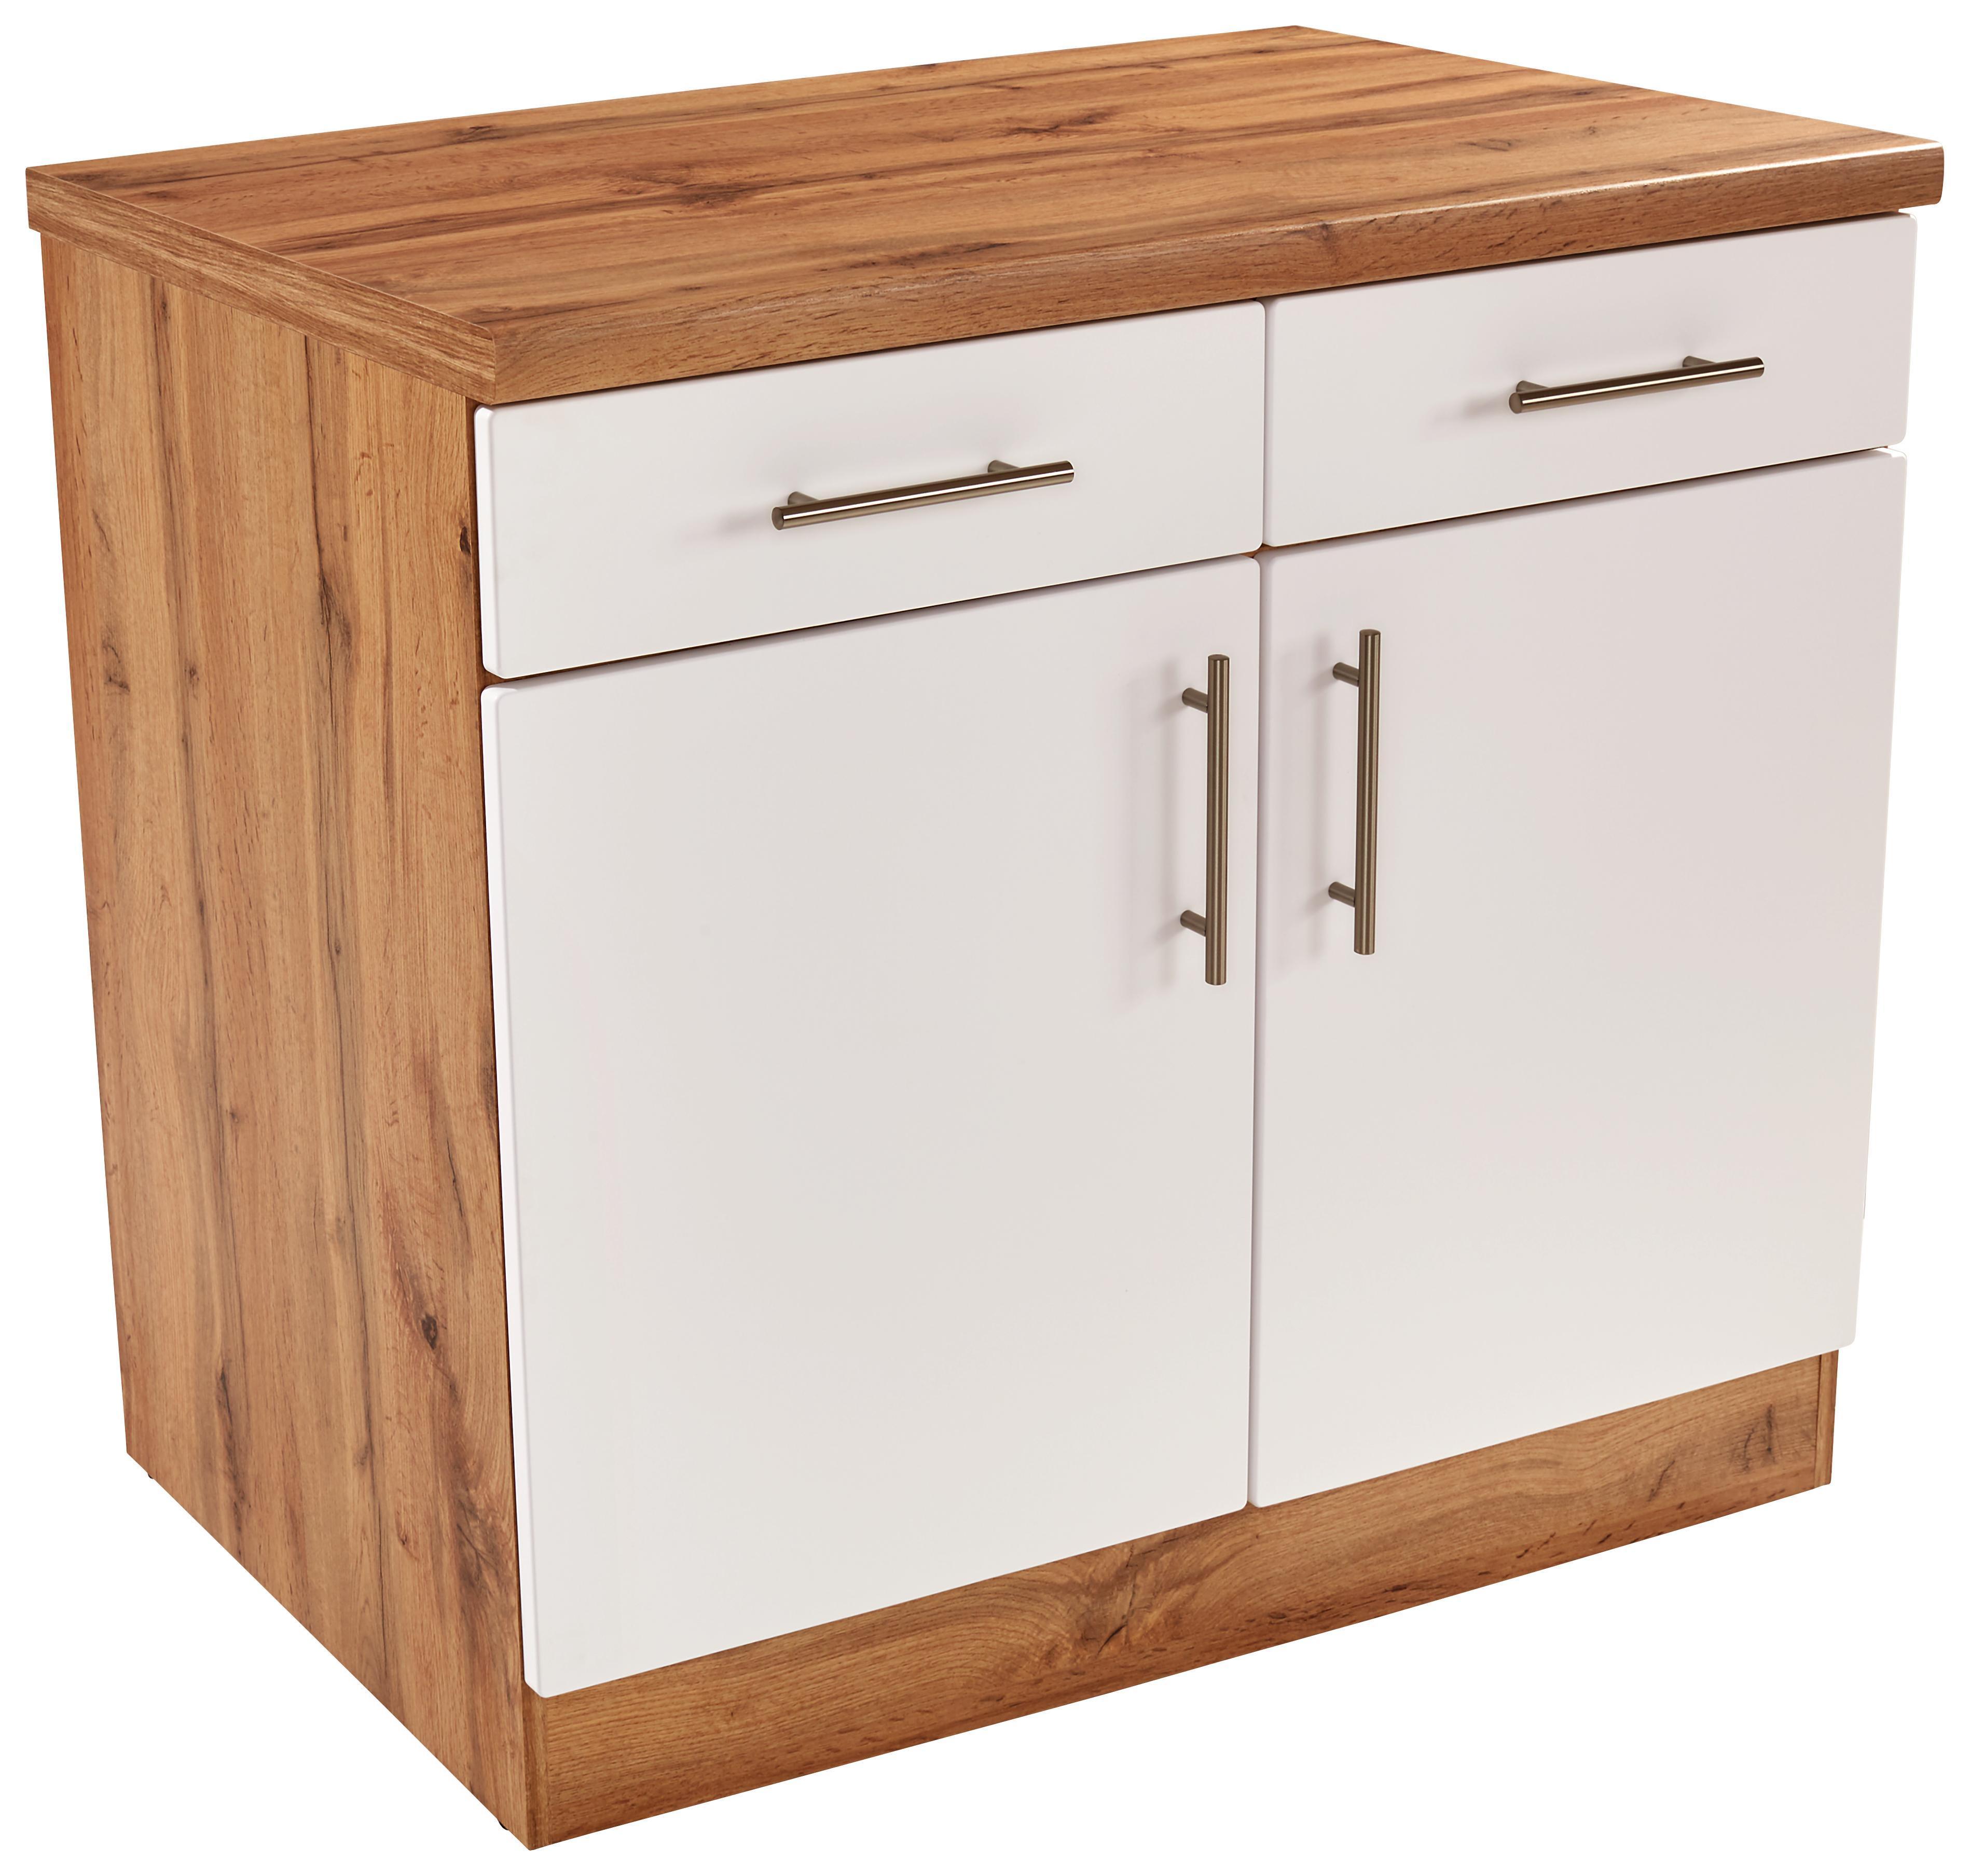 Küchenunterschrank Stella Us100 online kaufen ➤ Möbelix